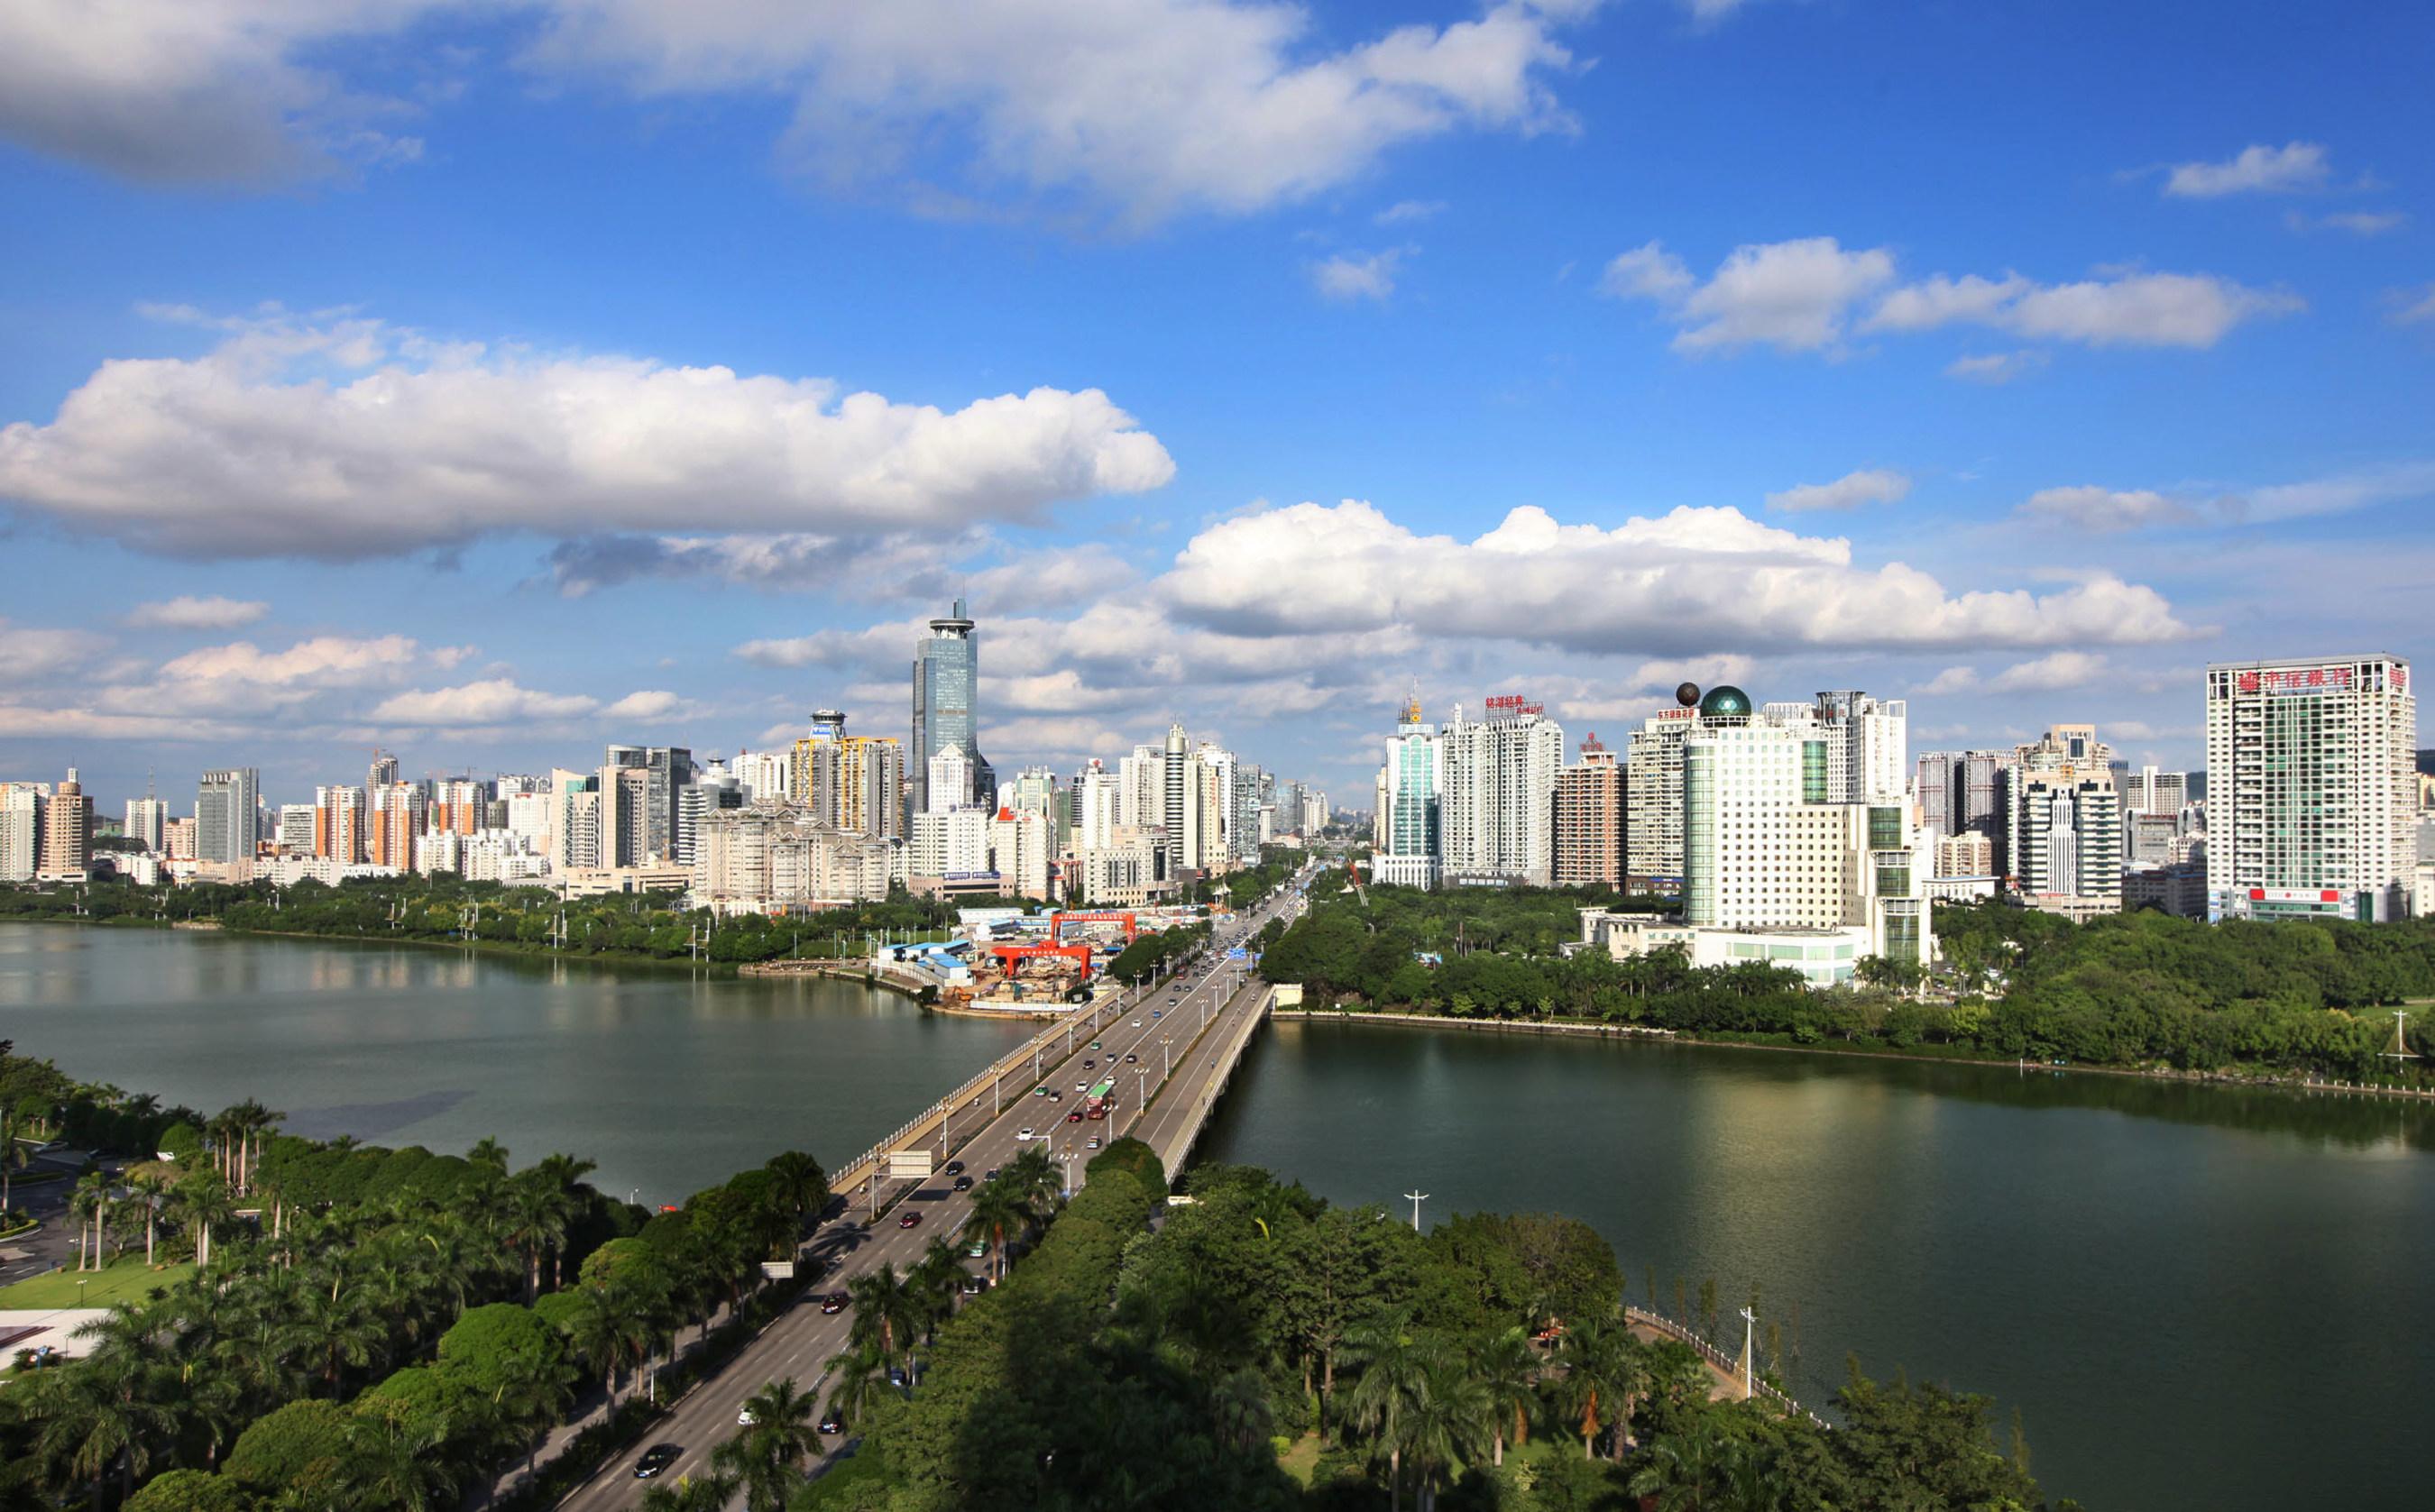 Město Nanning a tisková kancelář Xinhua vydají měnový index Čína-ASEAN